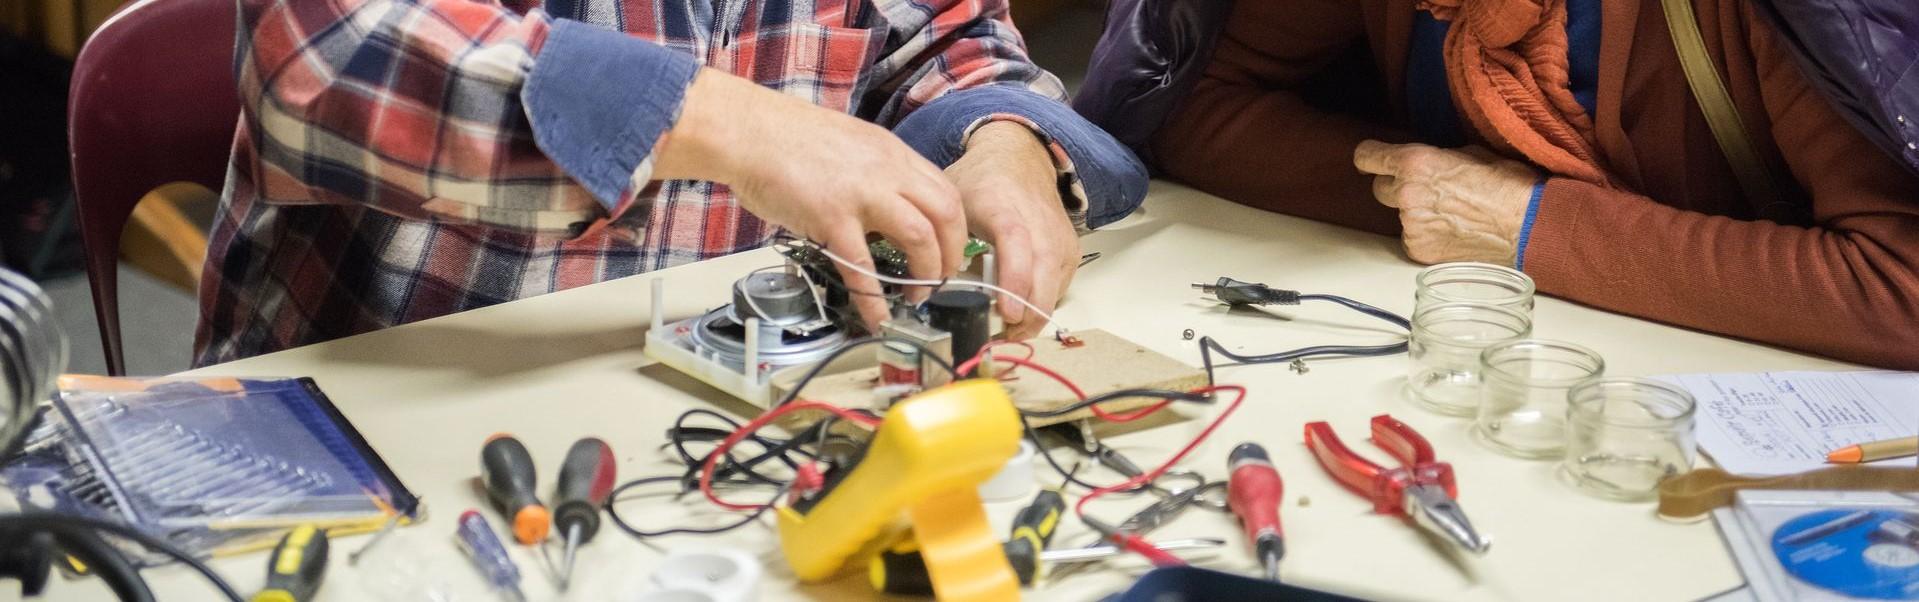 2 mensen werken aan een apparaat dat uit elkaar op tafel ligt